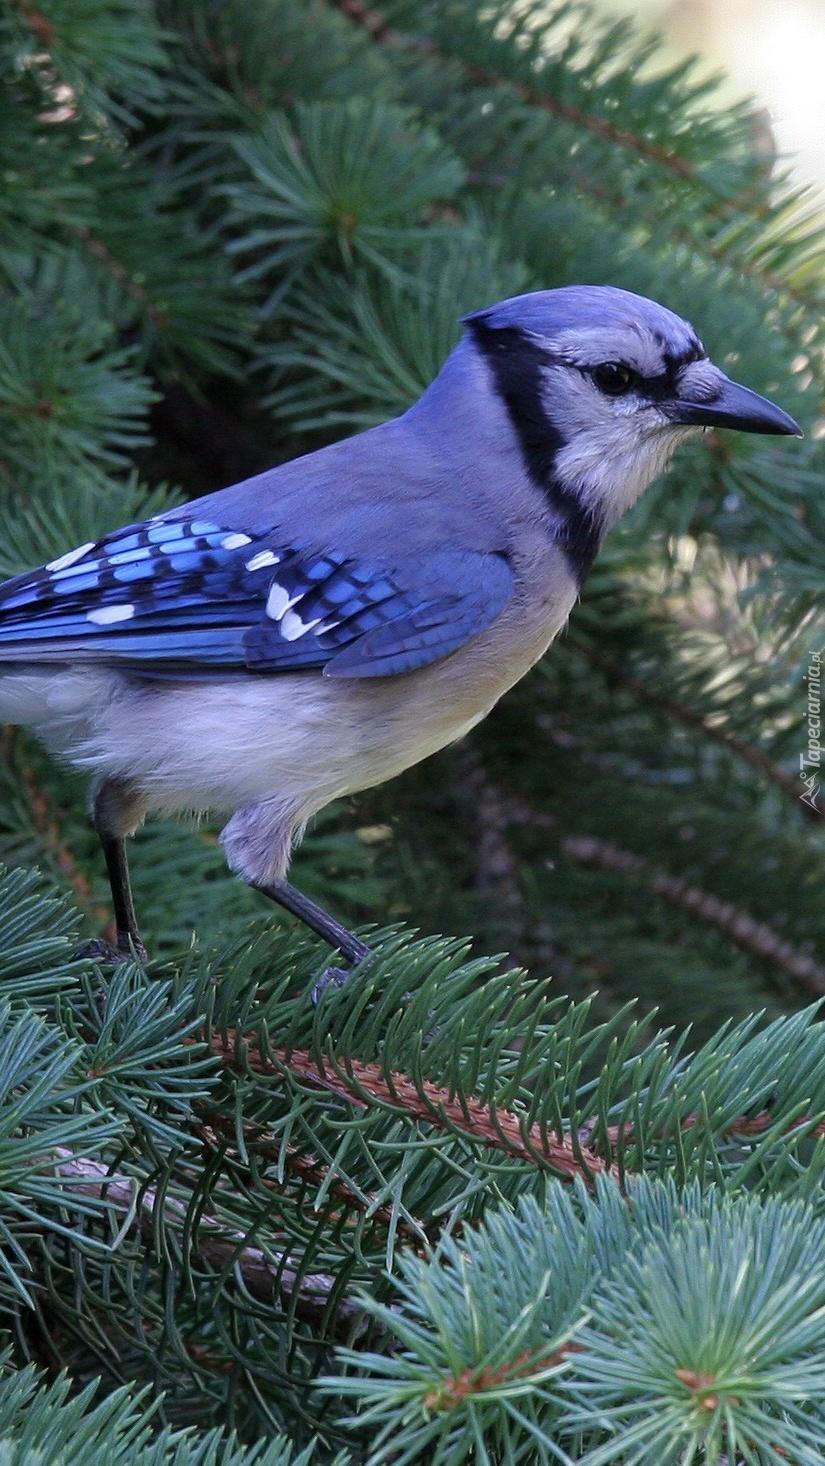 Modrosójka błękitna na świerkowej gałązce